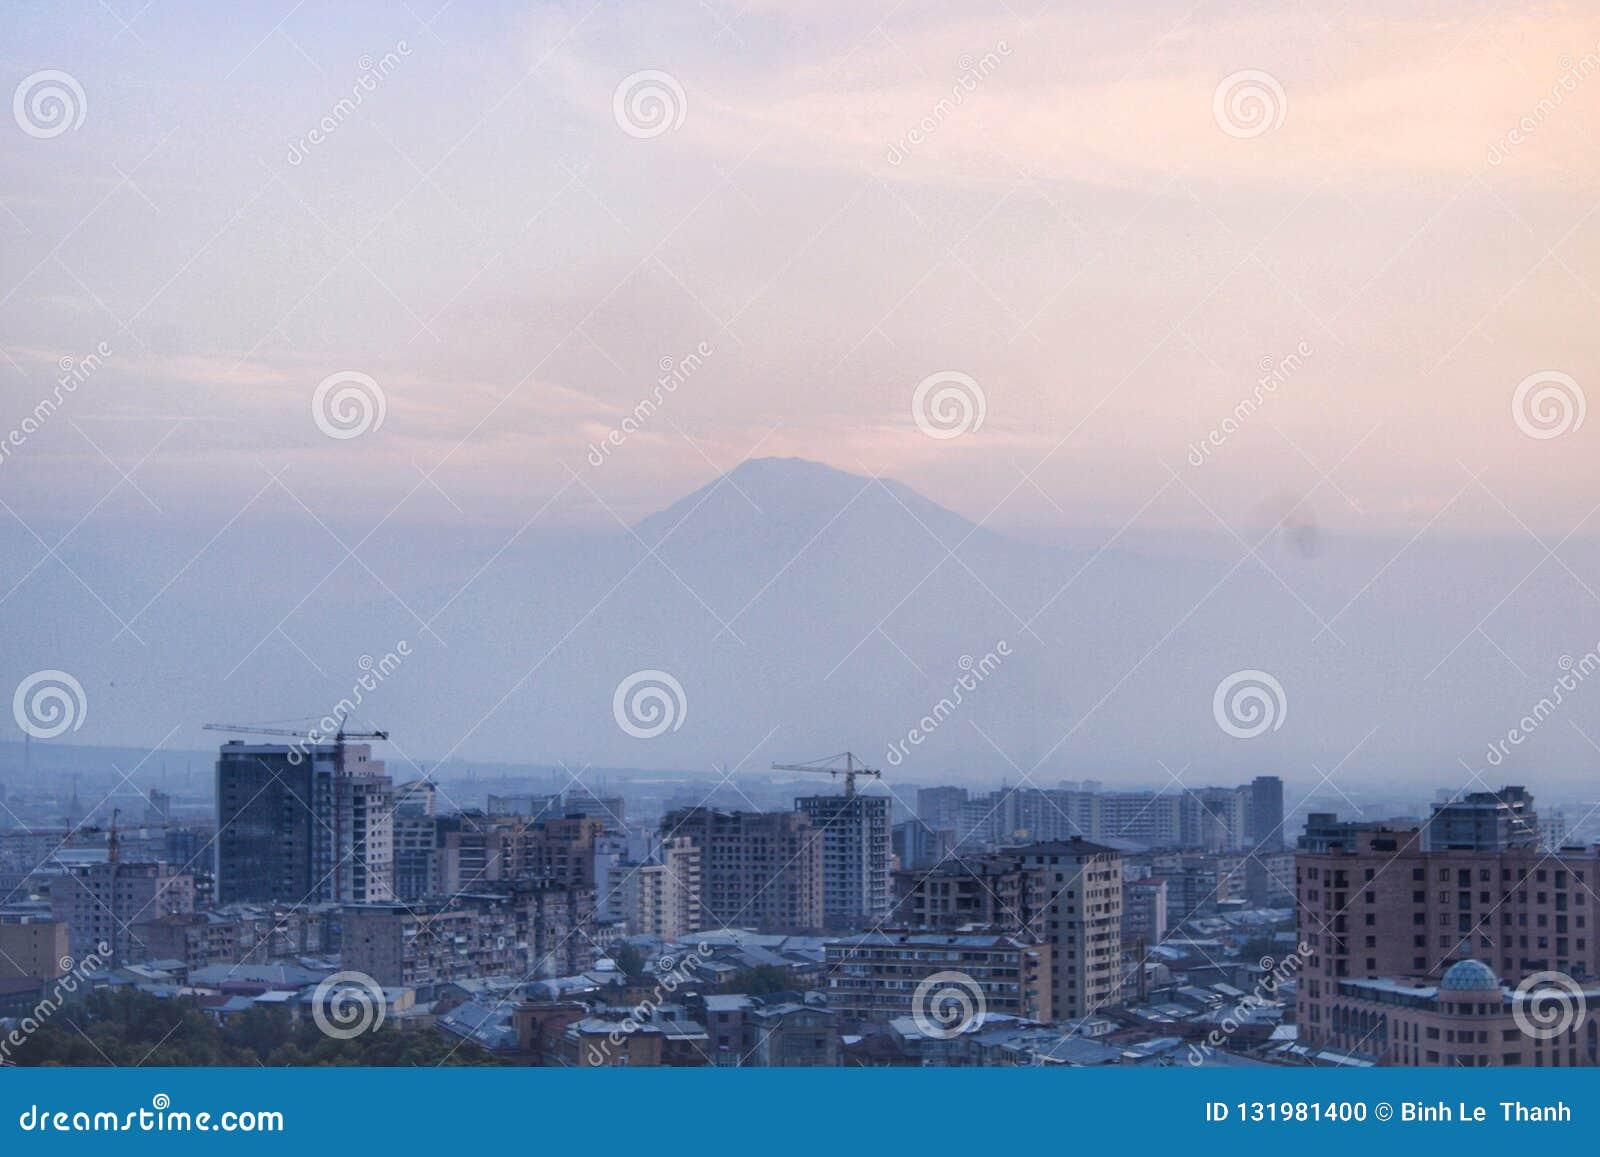 The peak of the mount Ararat